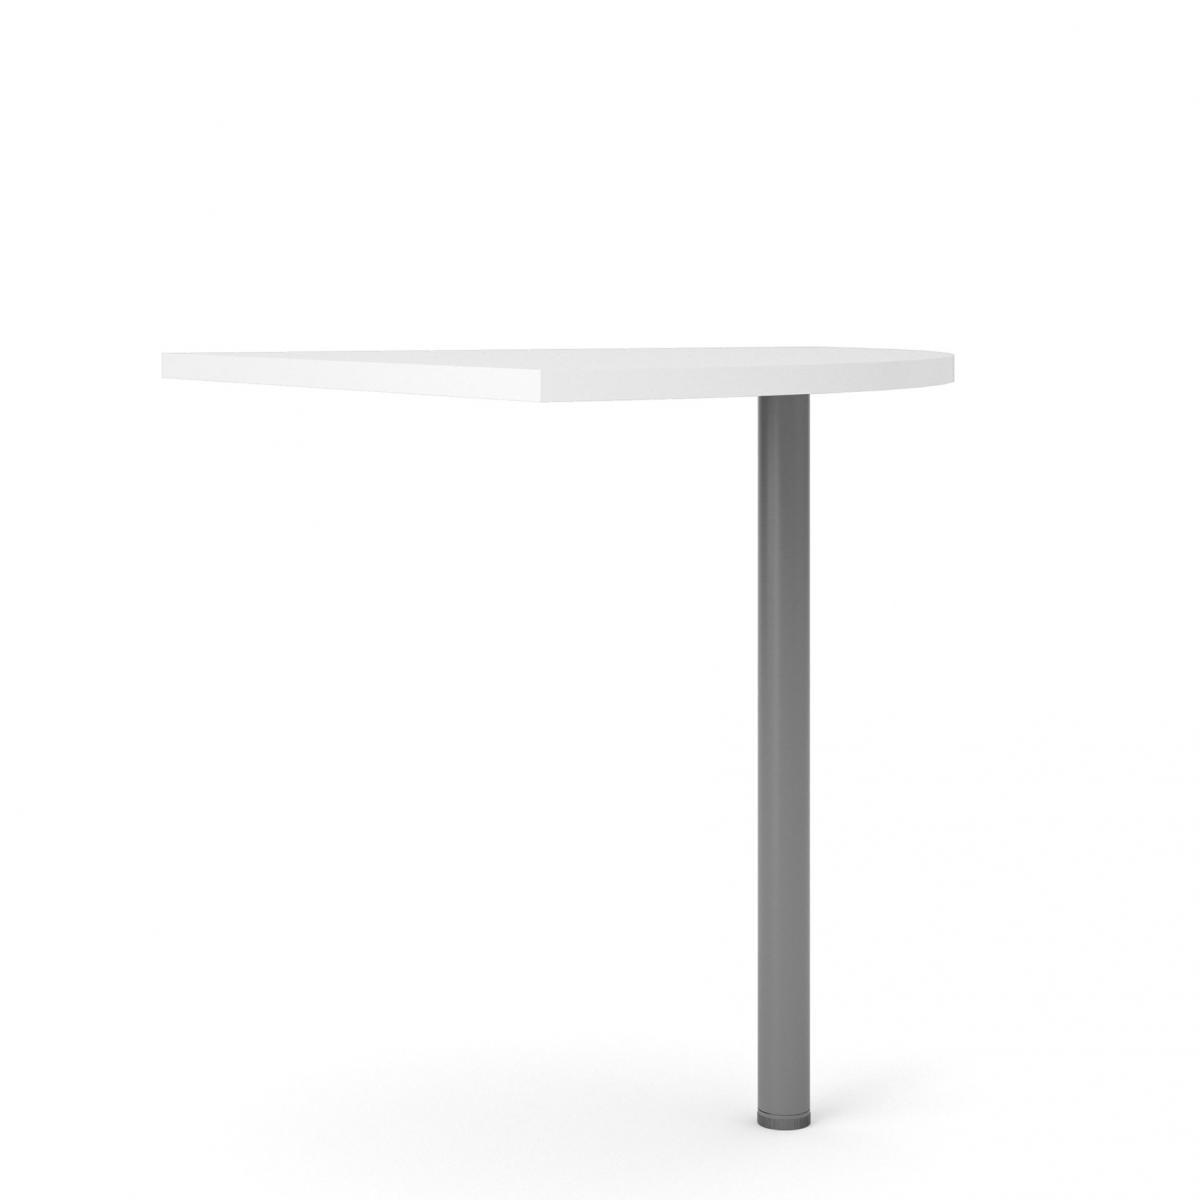 Rohový díl ke stolu Office 458 bílá/silver grey